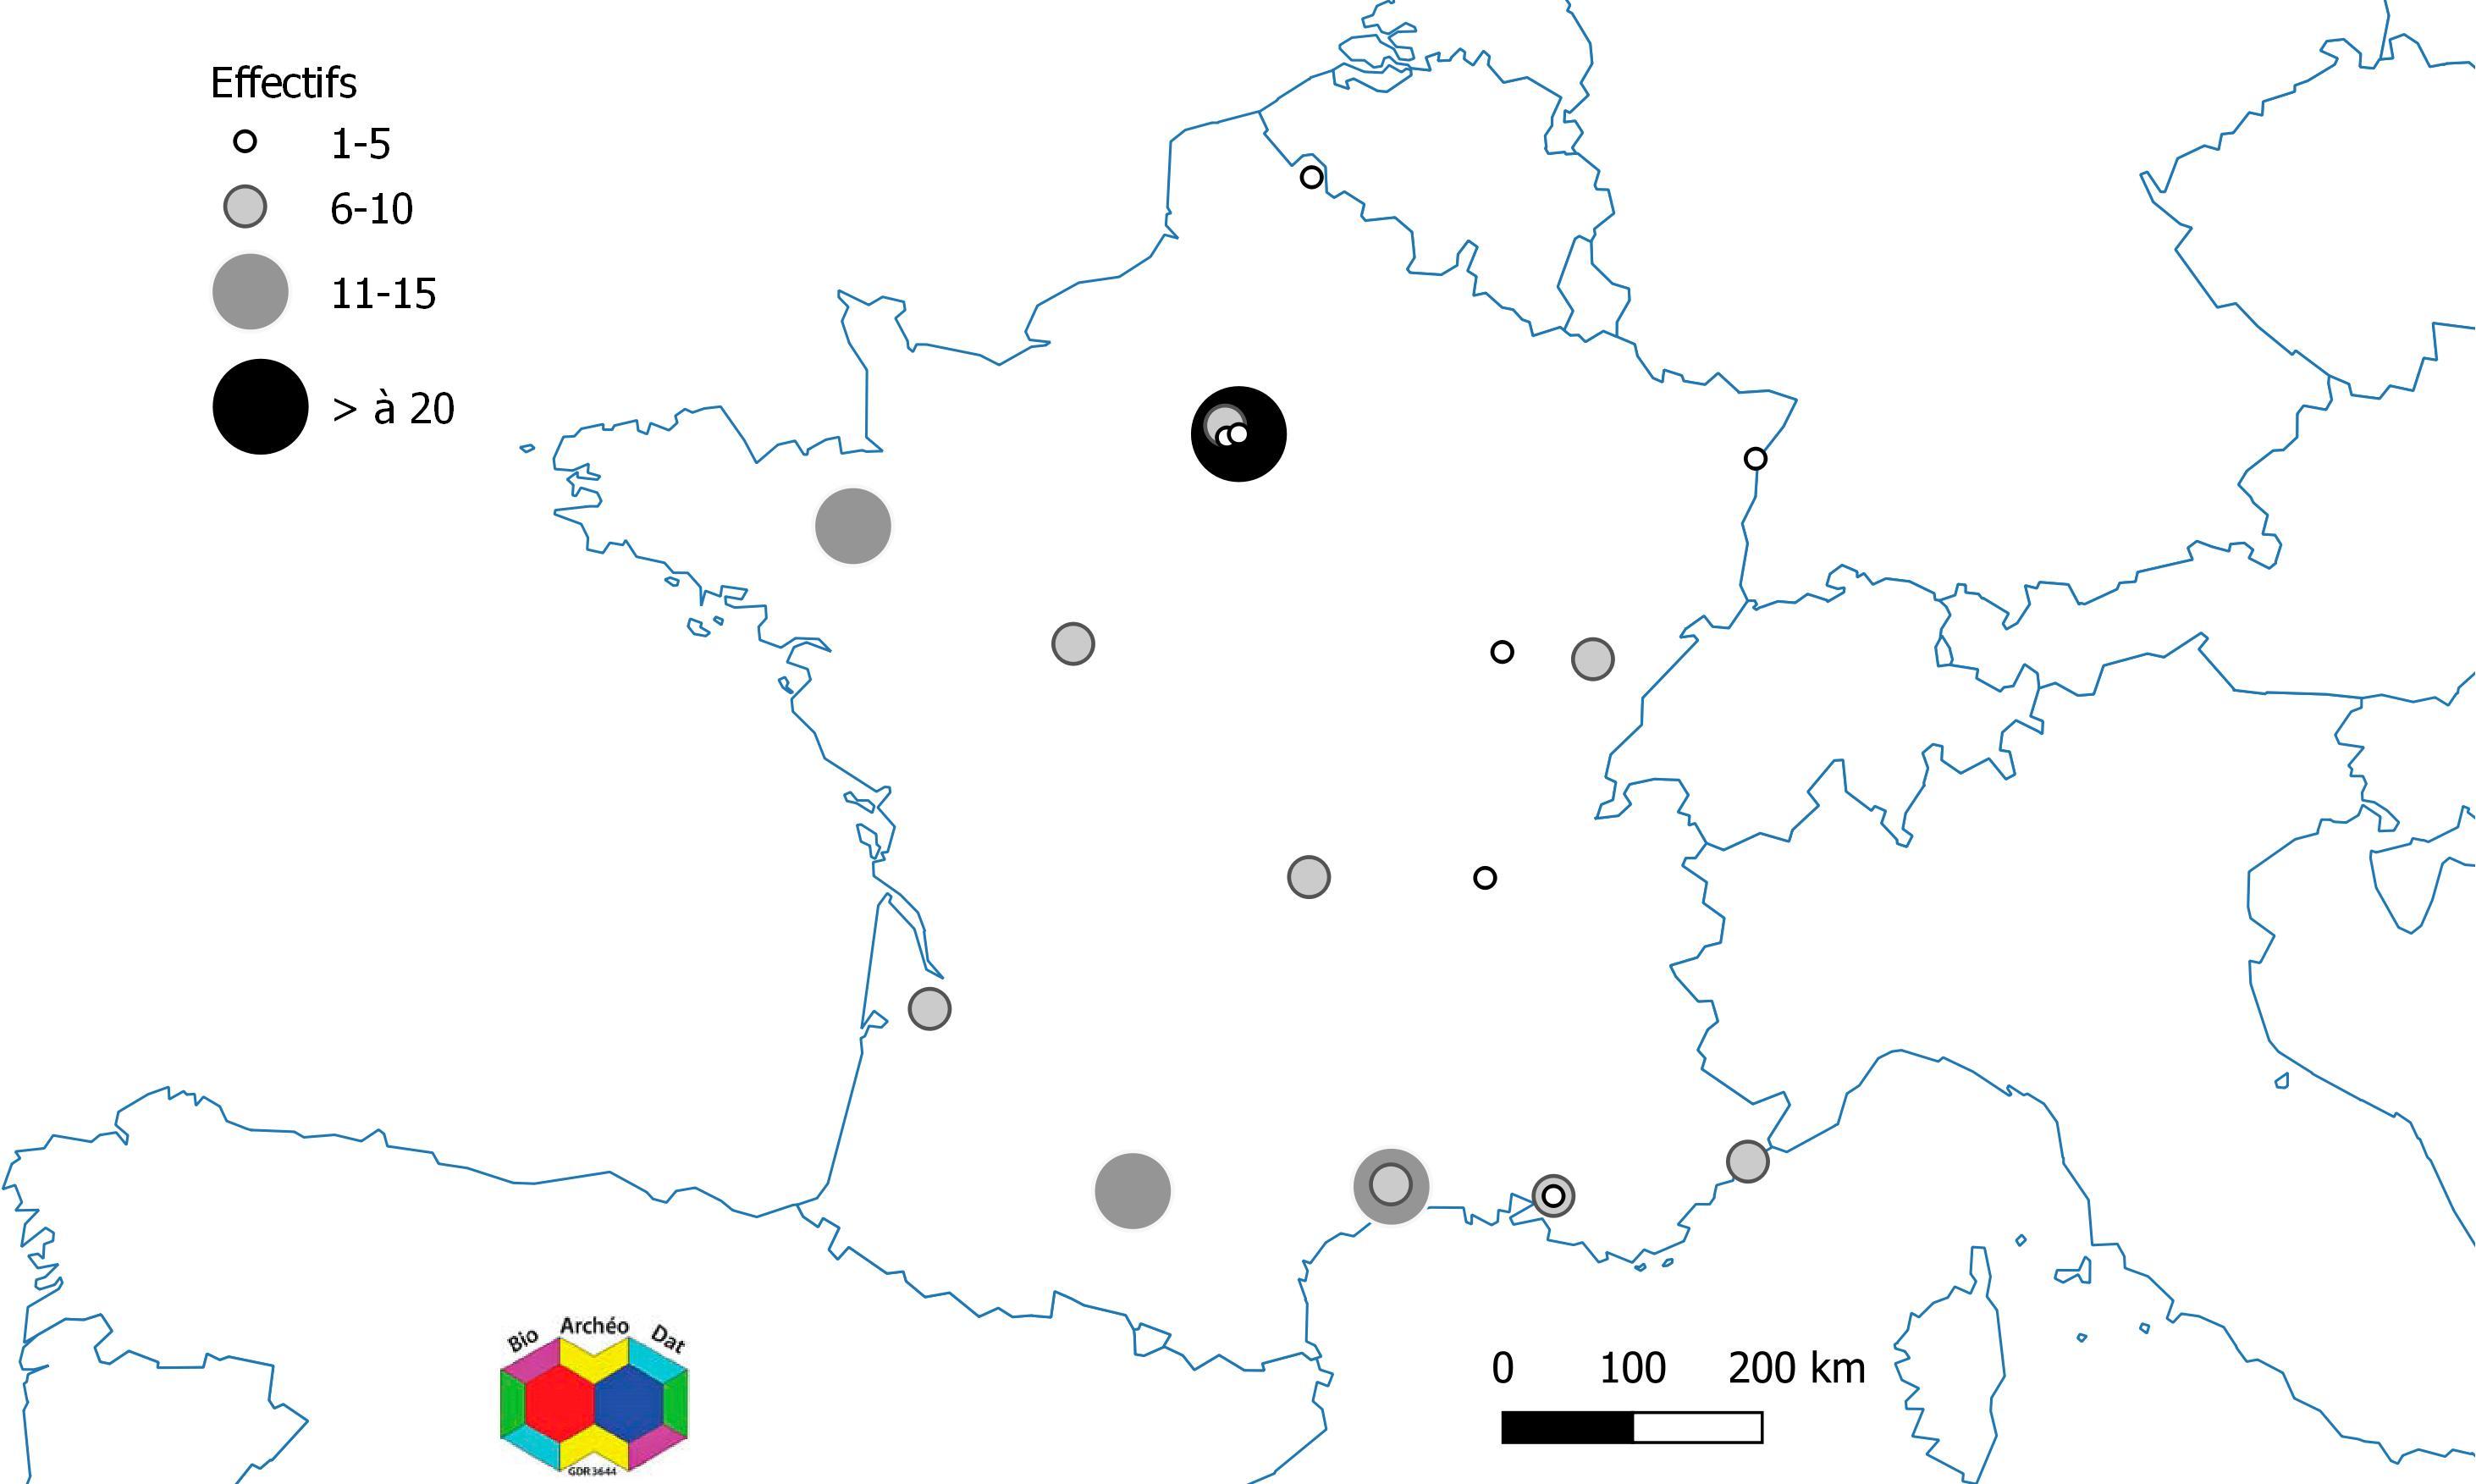 Carte Halieutique Alsace.Liste Des Membres Par Laboratoire Bioarcheodat